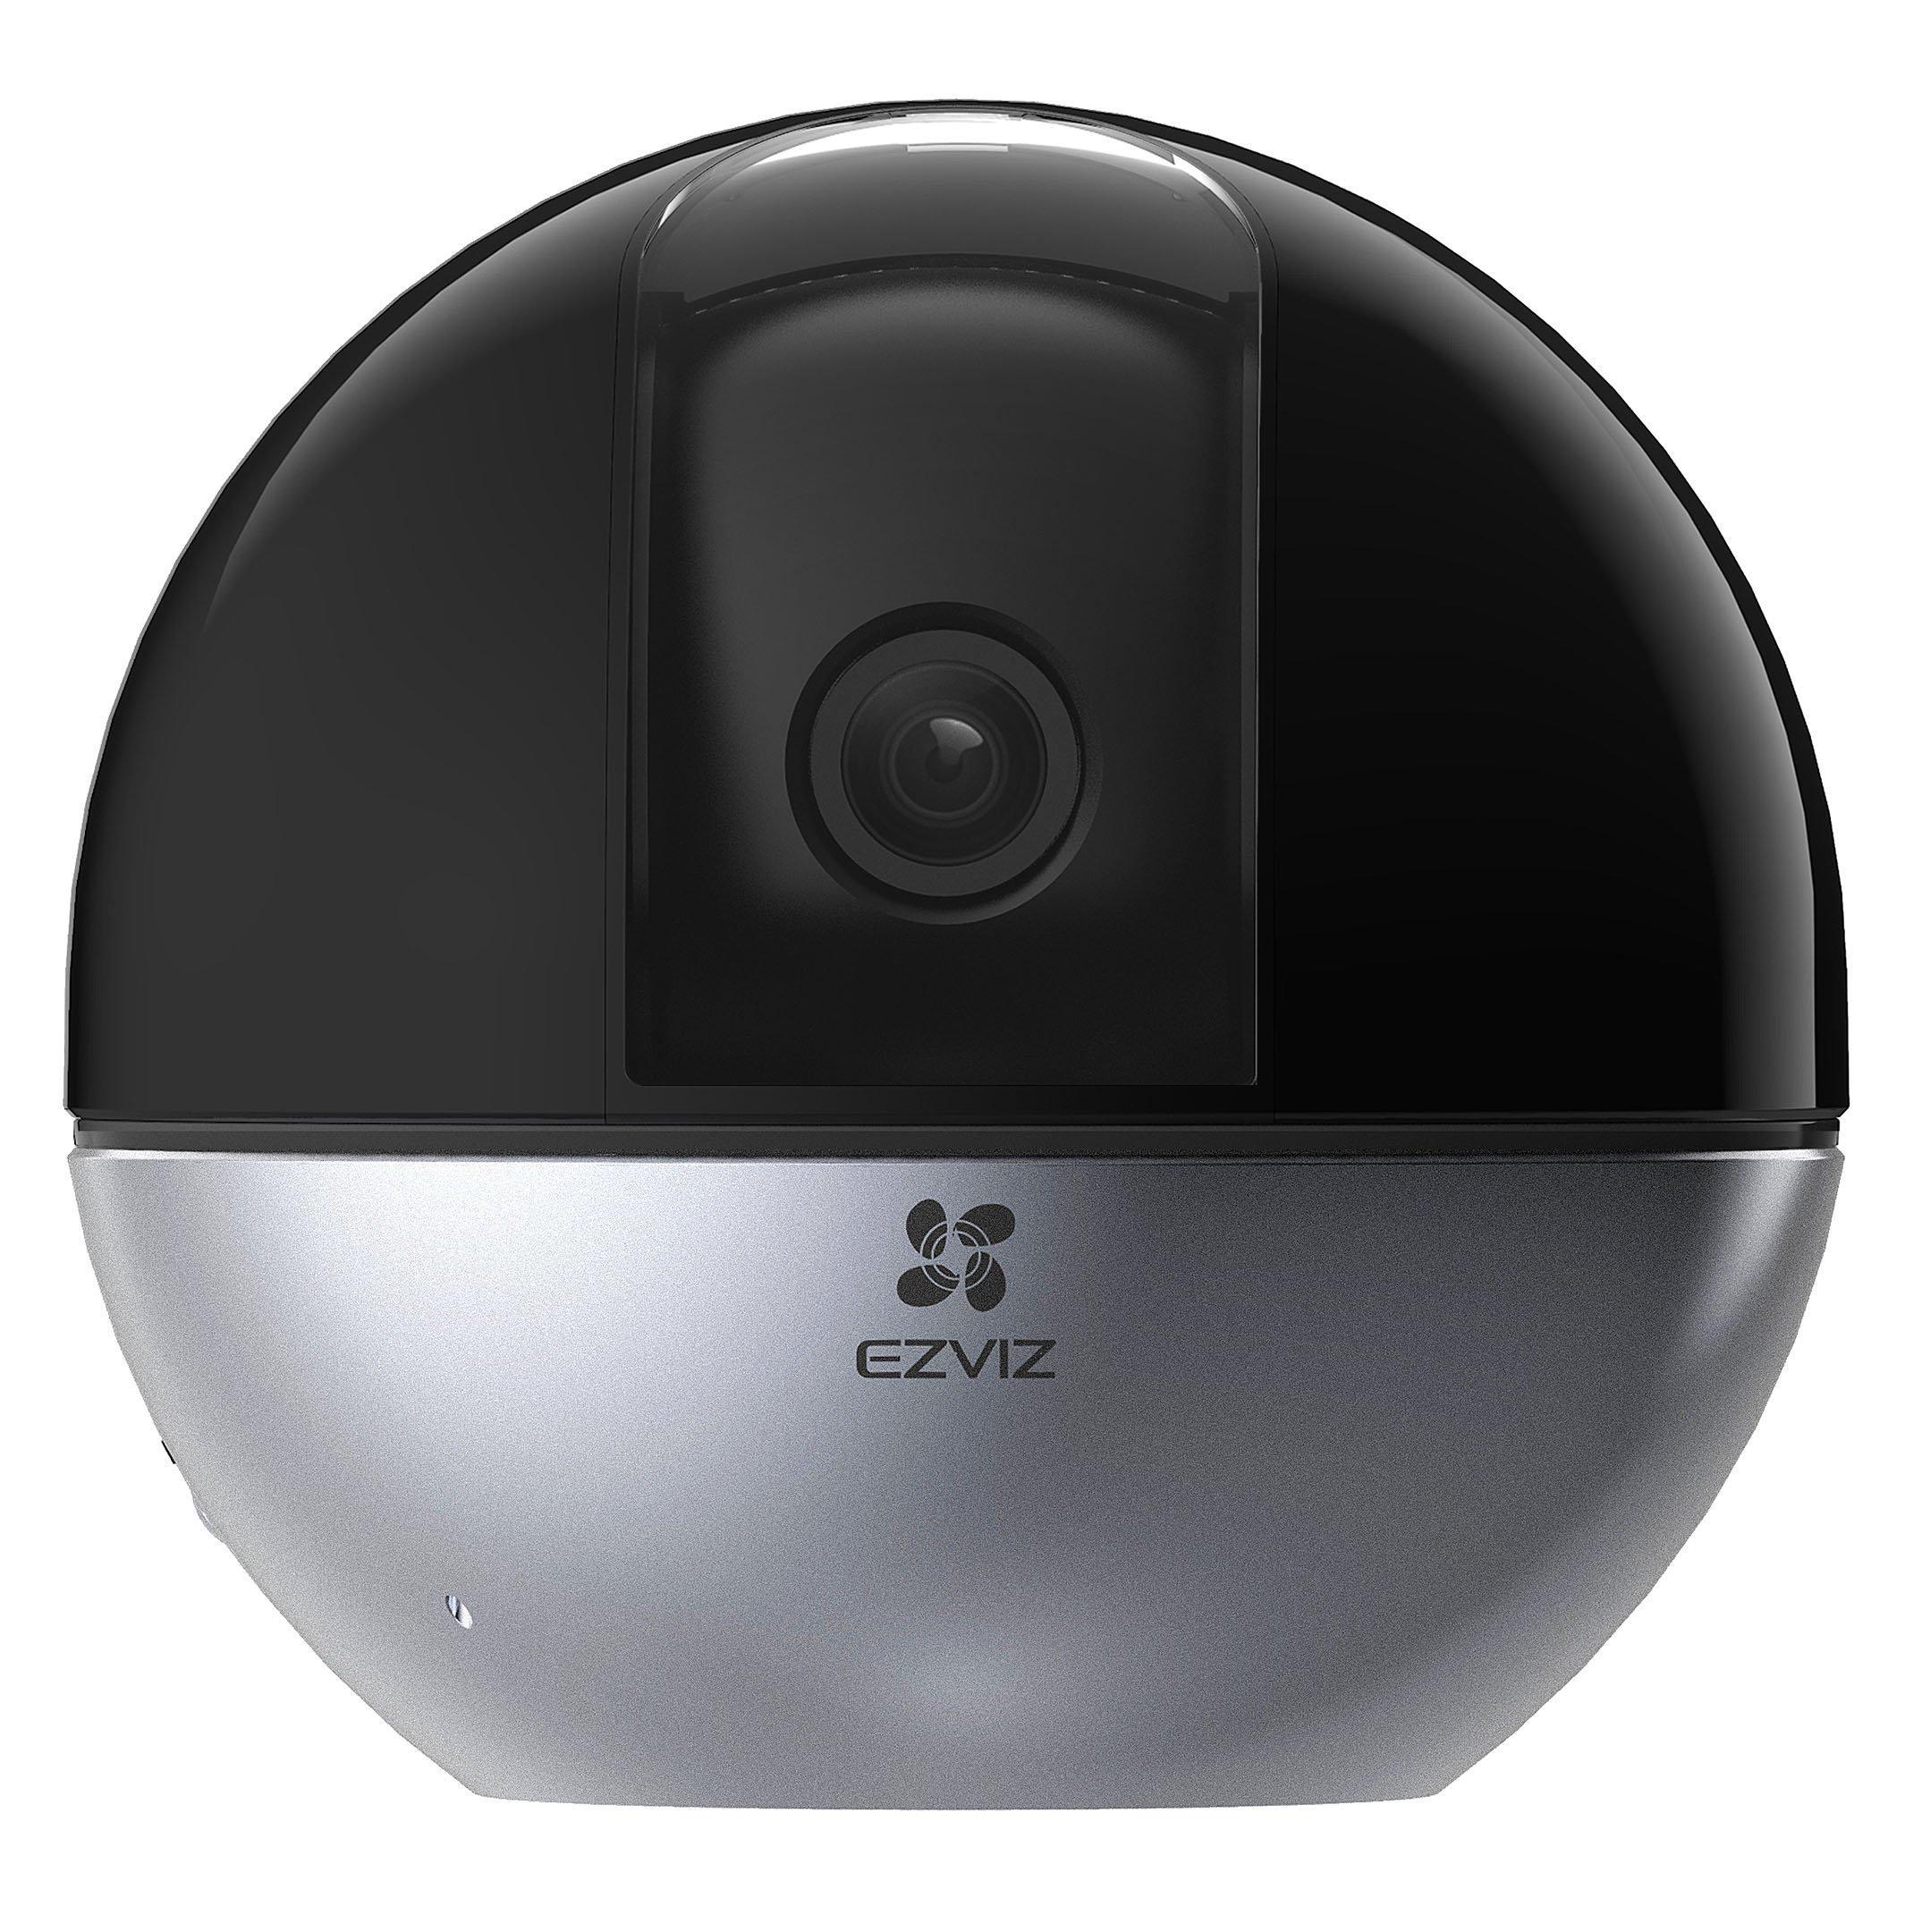 كاميرا مراقبة ذكية لداخل المنزل بخاصية الواي فاي بدقة 4 ميجابكسل طراز C6W